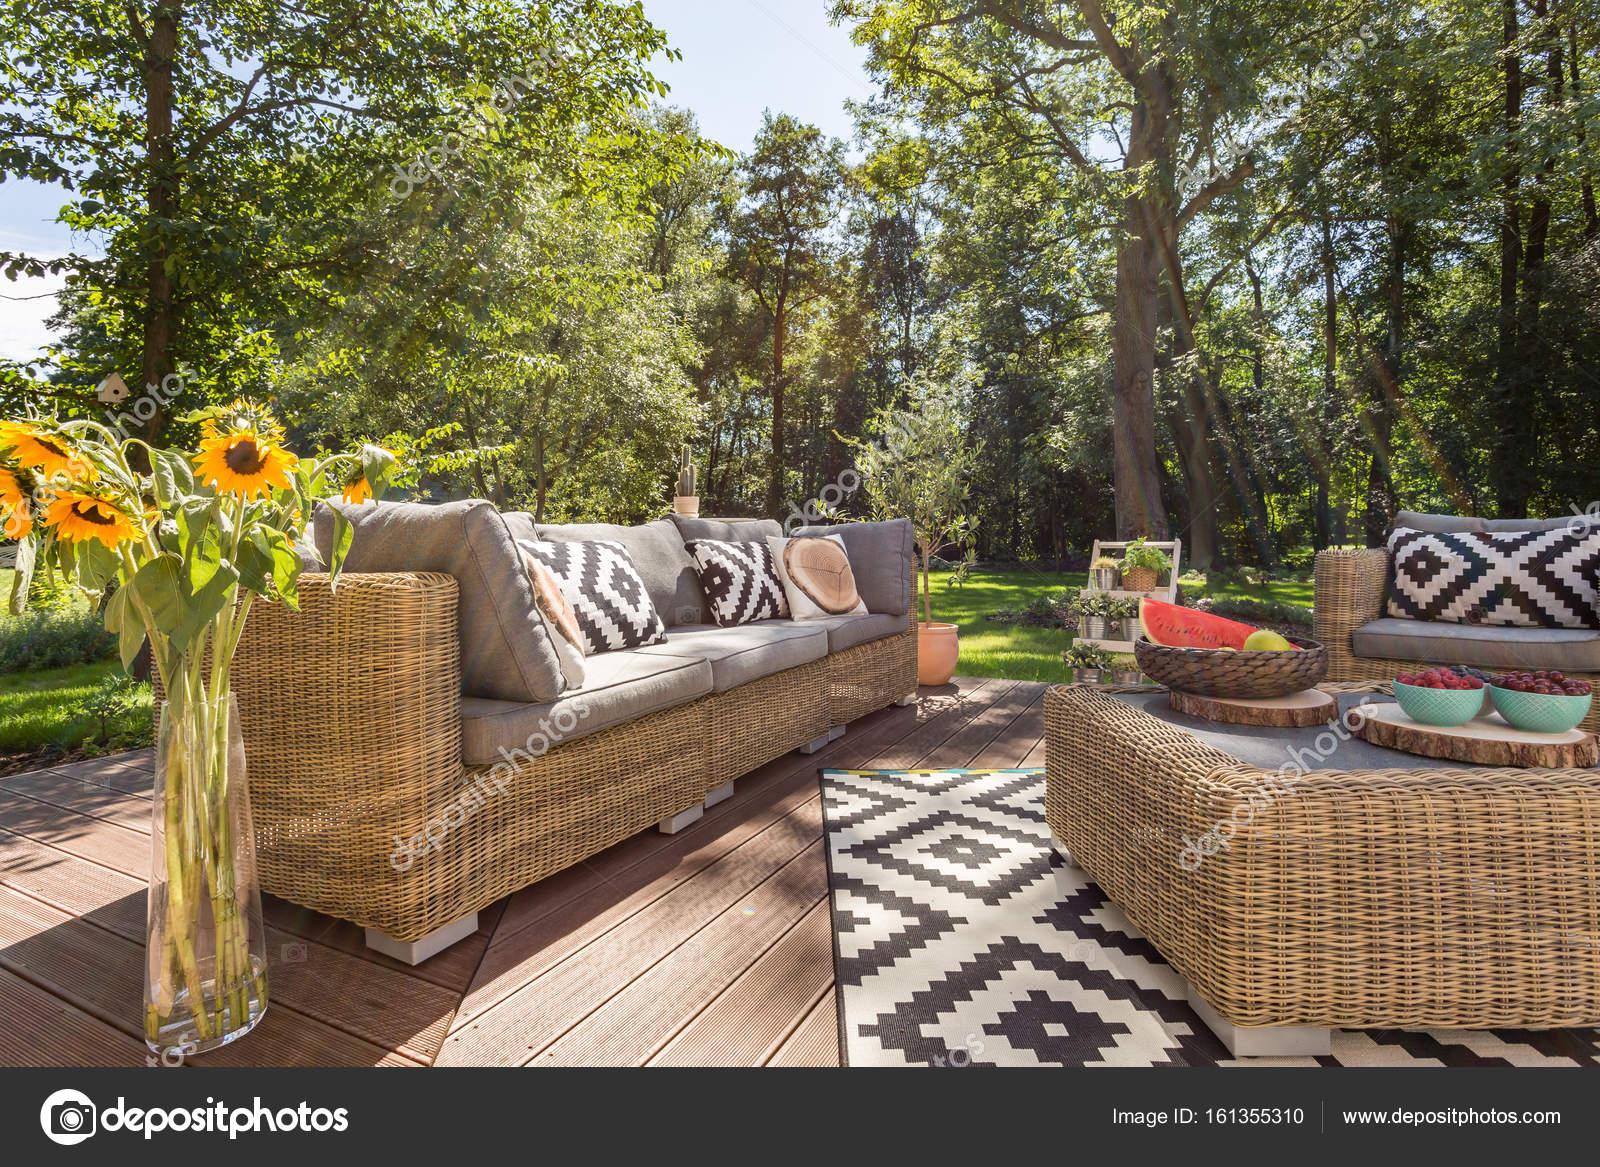 Modernen Inspirationen für Terrasse design — Stockfoto ...